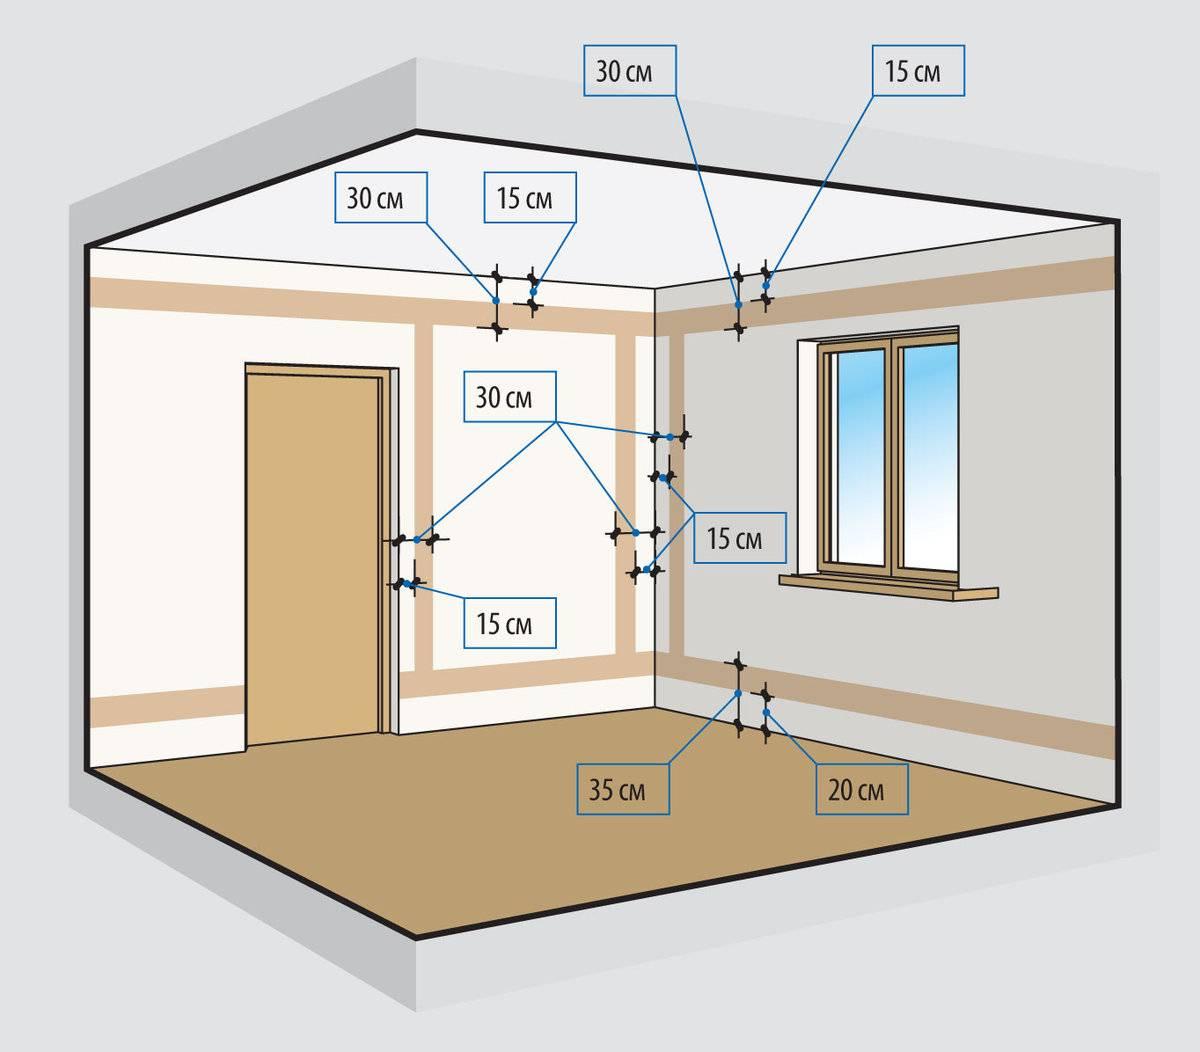 Монтаж электропроводки: схема, инструкция и советы